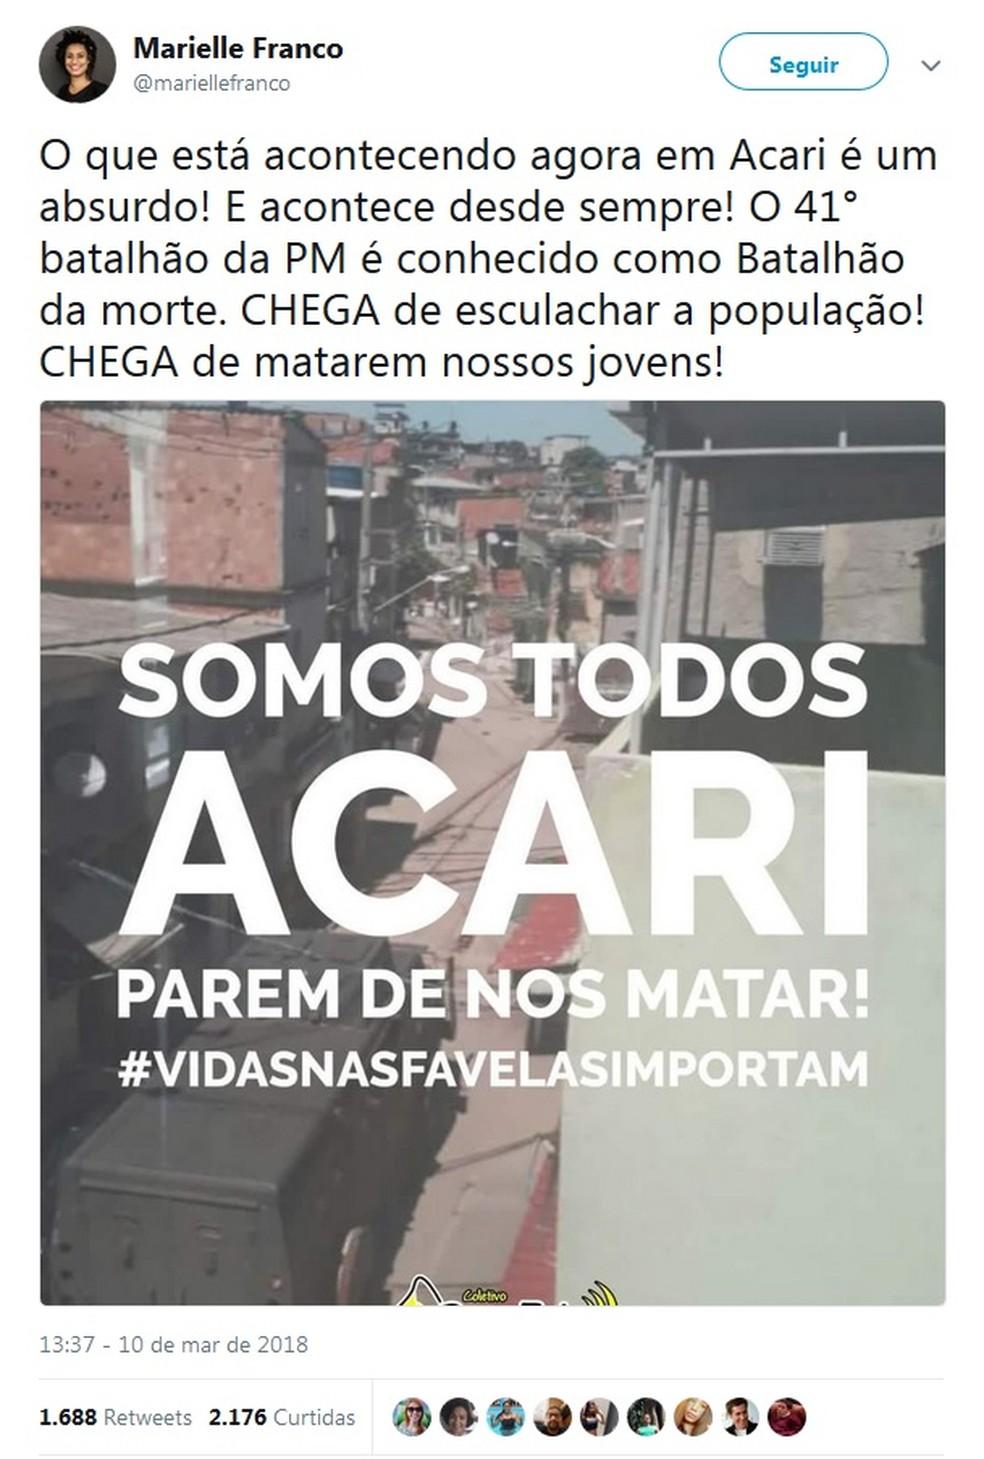 Post de Marielle Franco sobre ação da PM em Acari (Foto: Reprodução/Twitter)